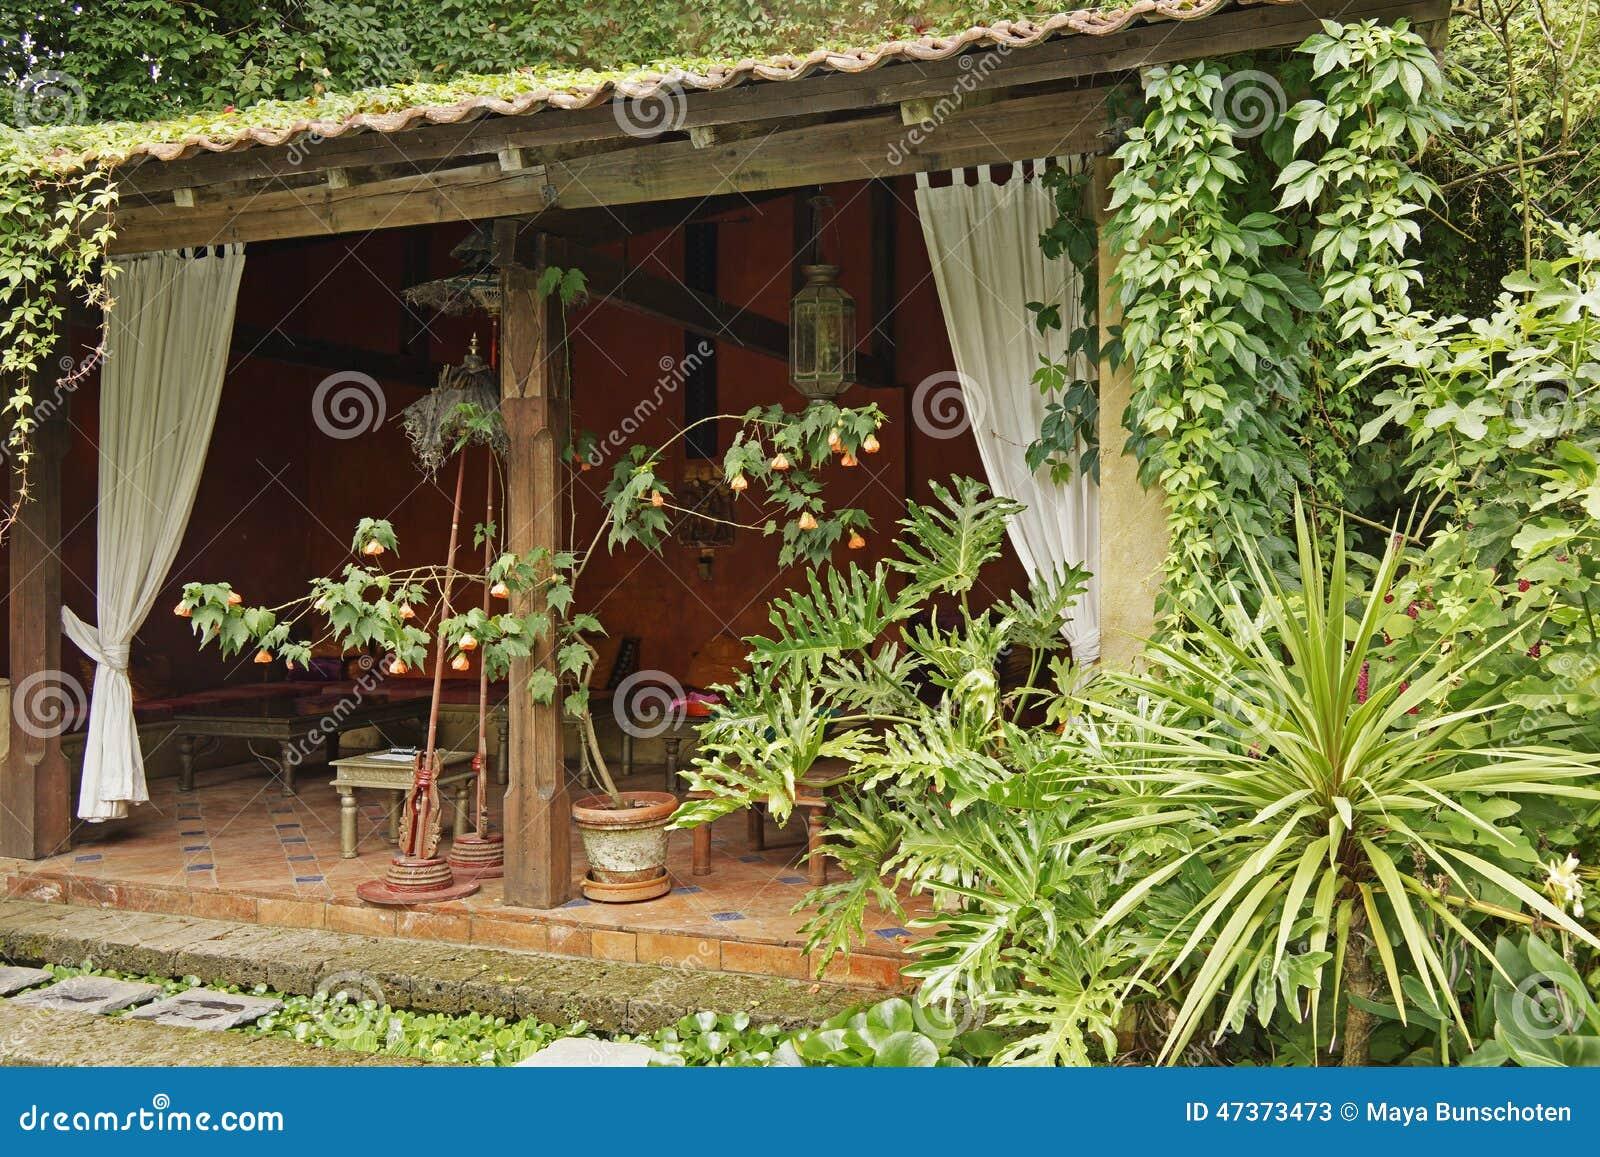 Teehaus Im Garten Stockbild Bild Von Außen Garten Getränk 47373473